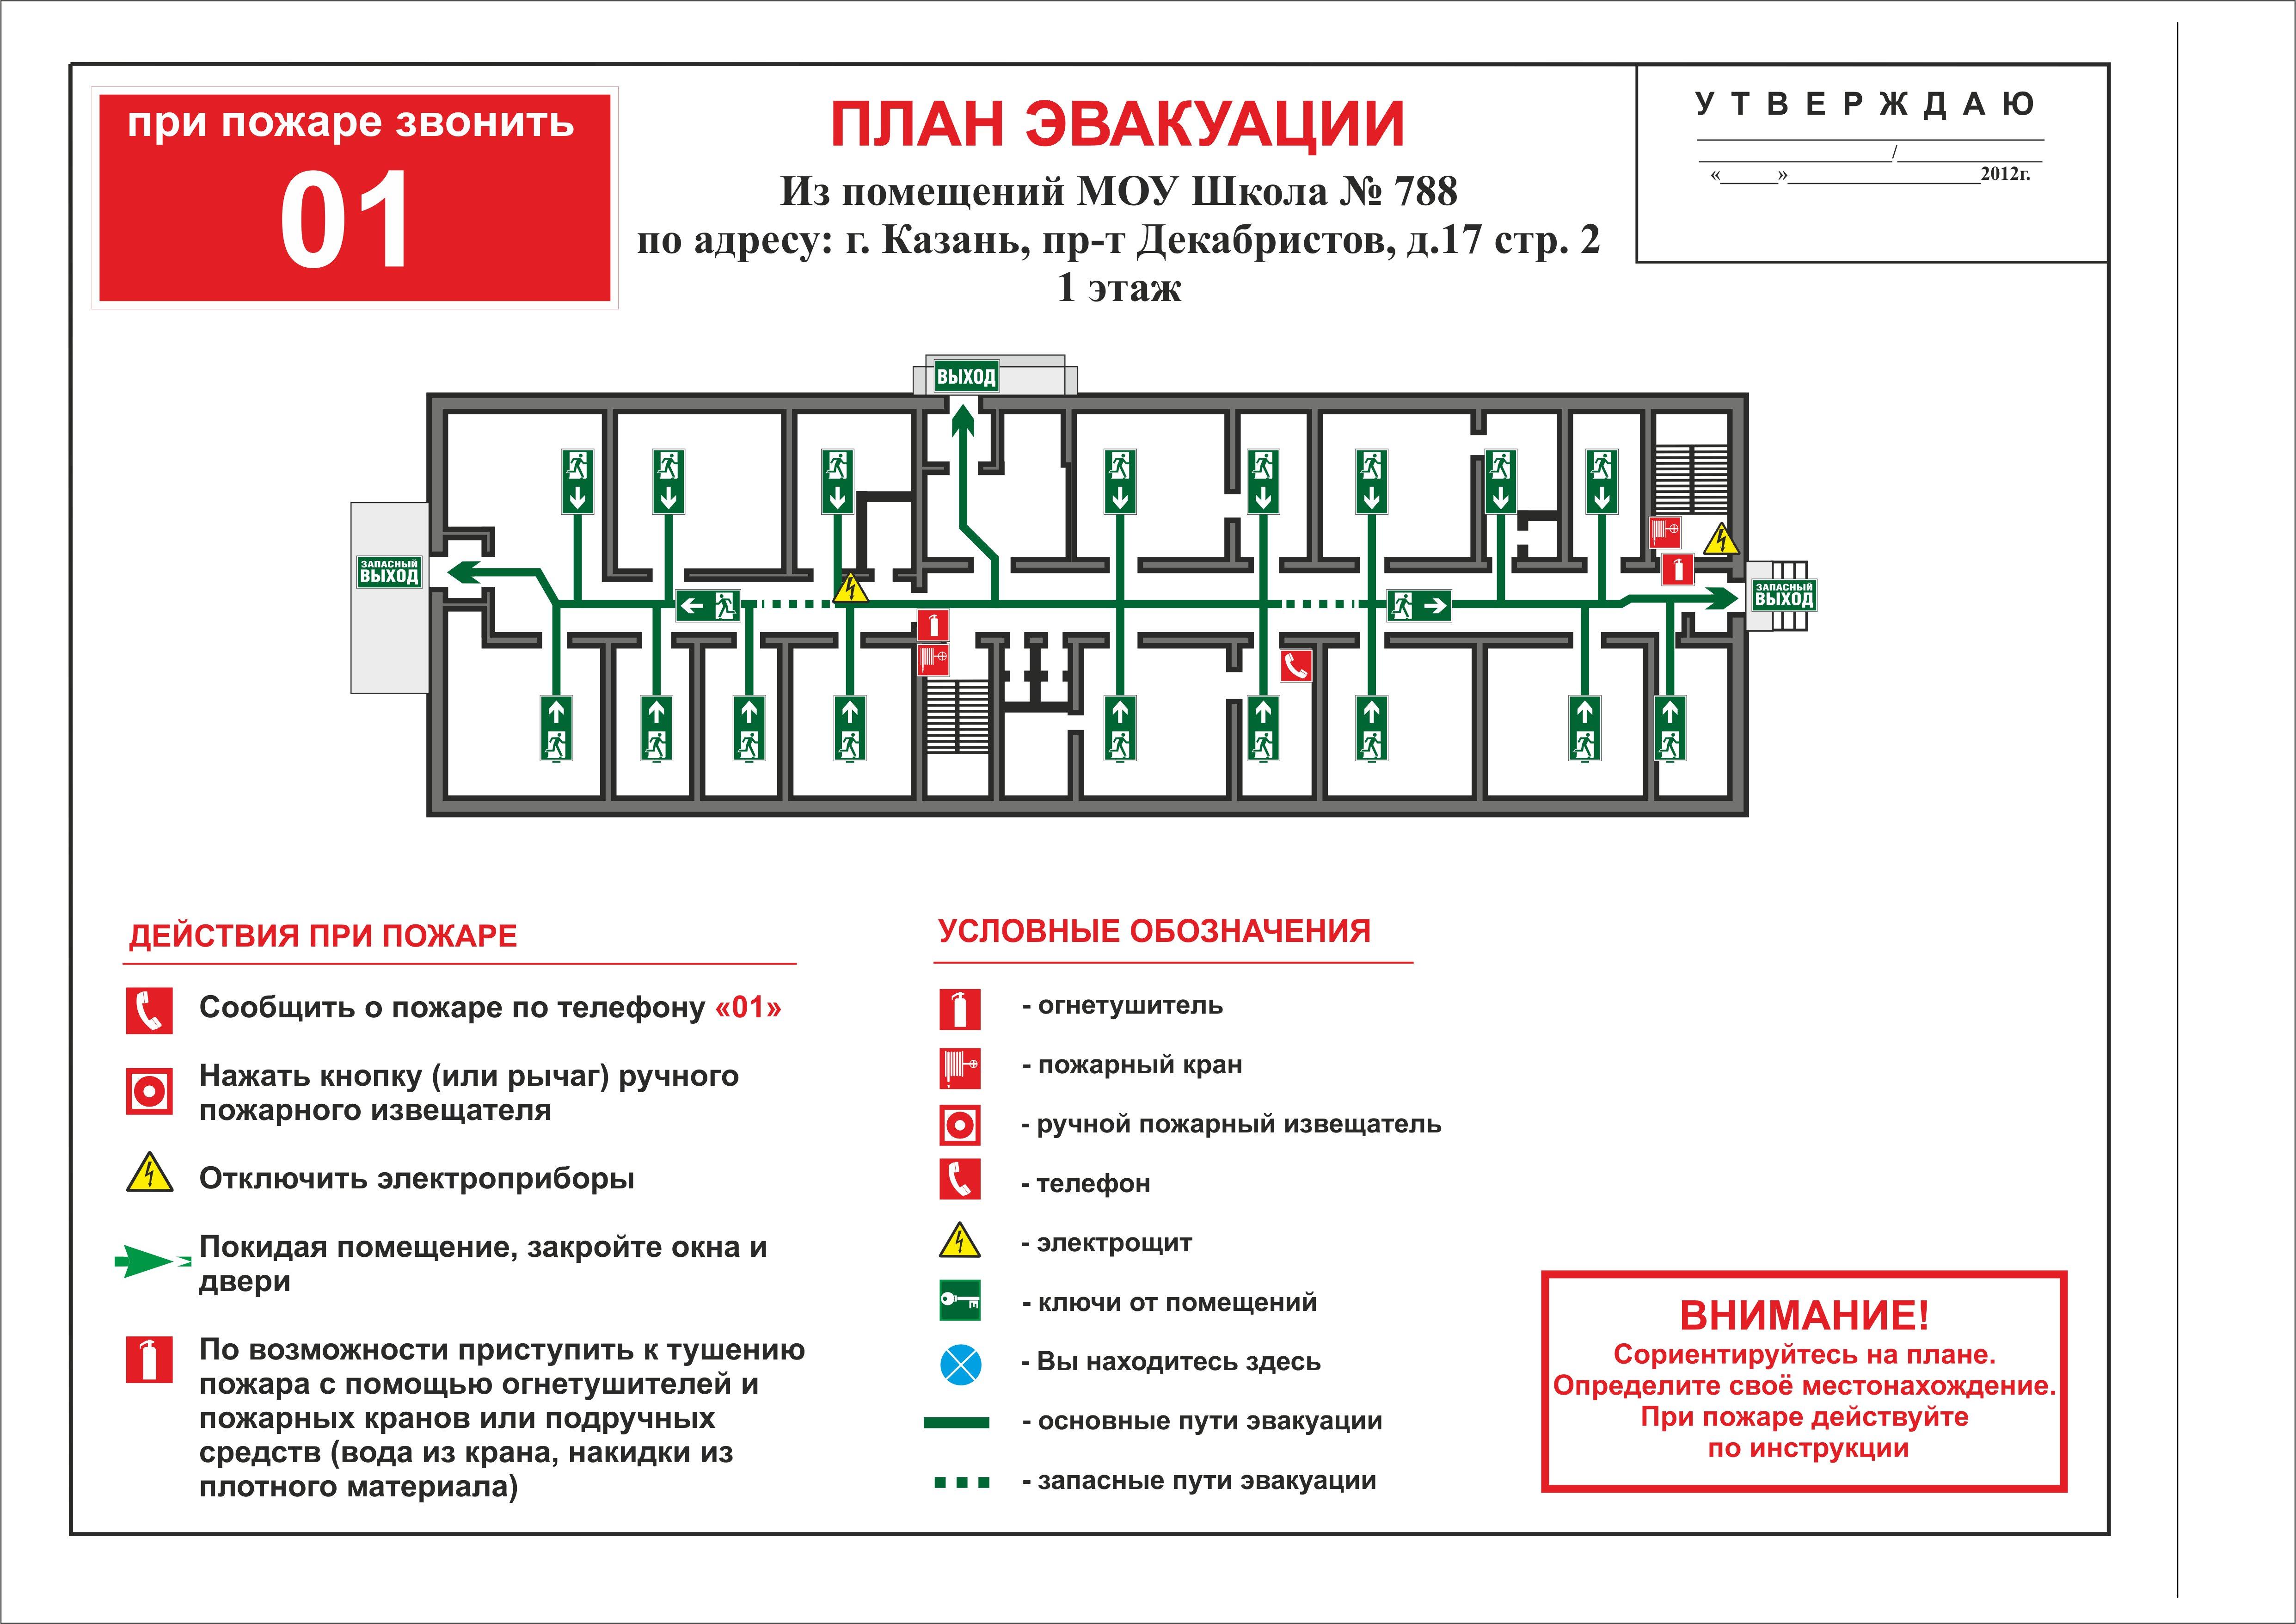 план эвакуации в школе - пример